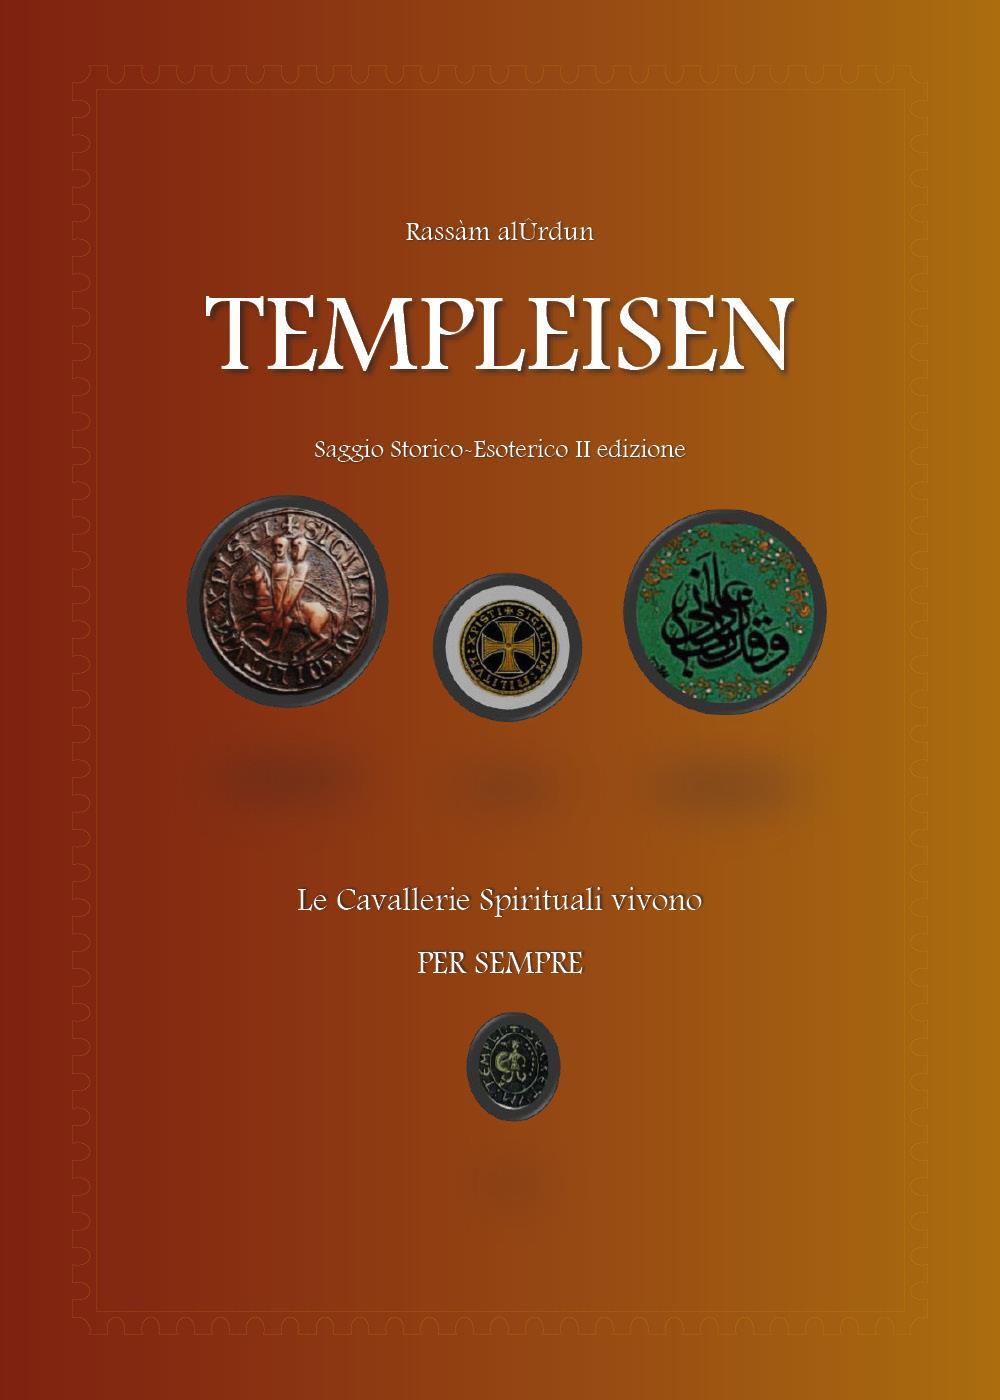 Templeisen. Saggio storico-esoterico